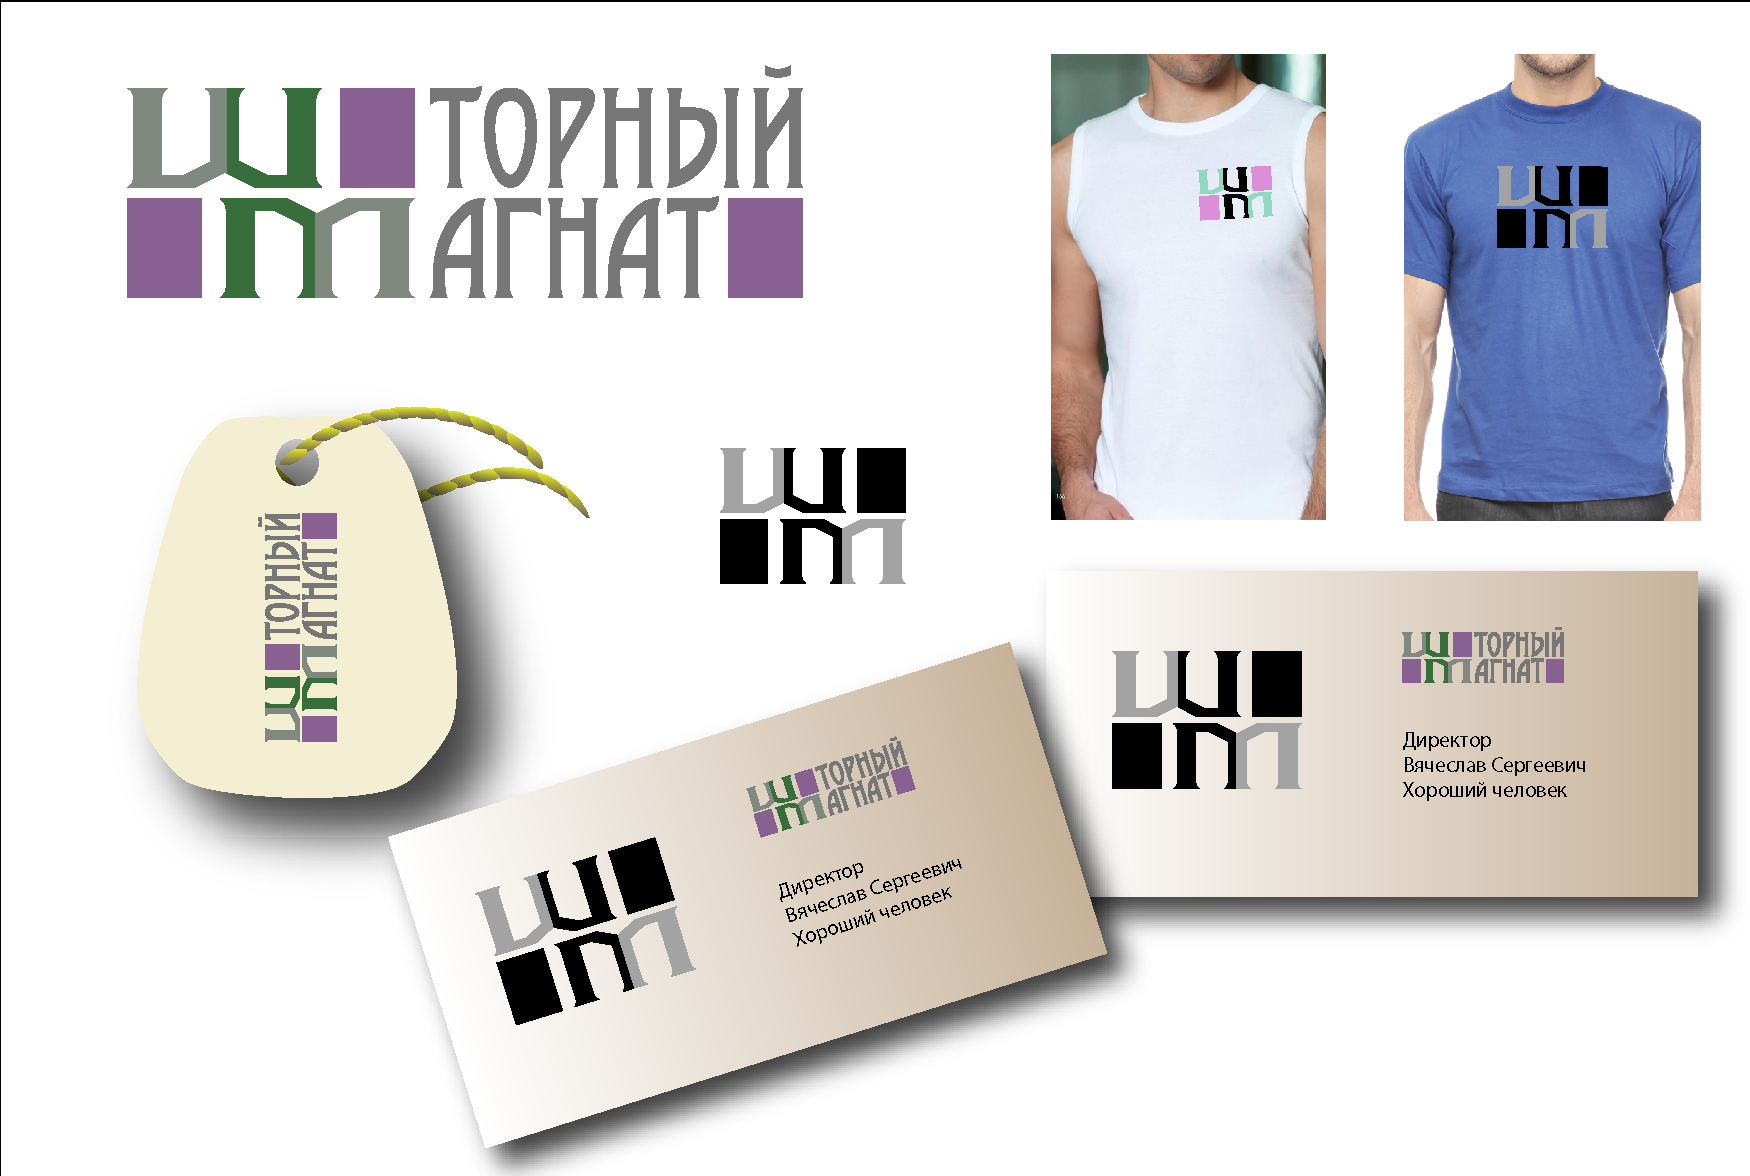 Логотип и фирменный стиль для магазина тканей. фото f_9995cdbb3c1aaa3a.png